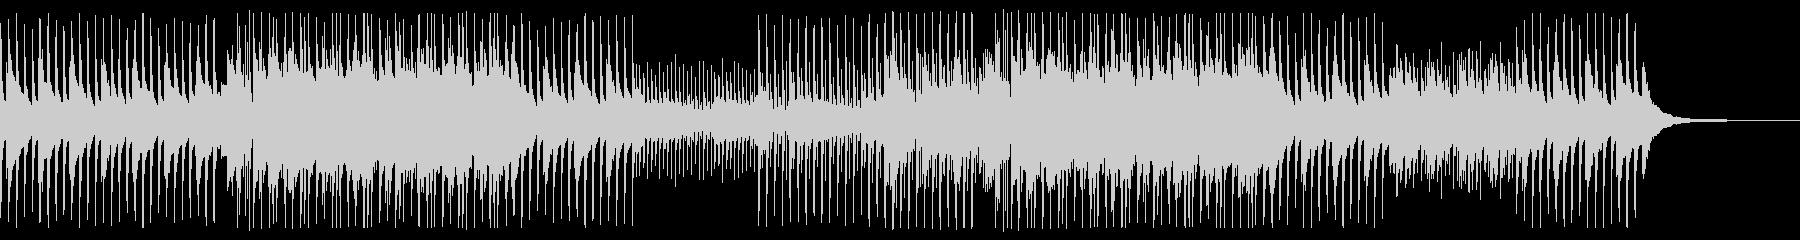 ベース無ver 朝露 ピアノ バイオリンの未再生の波形